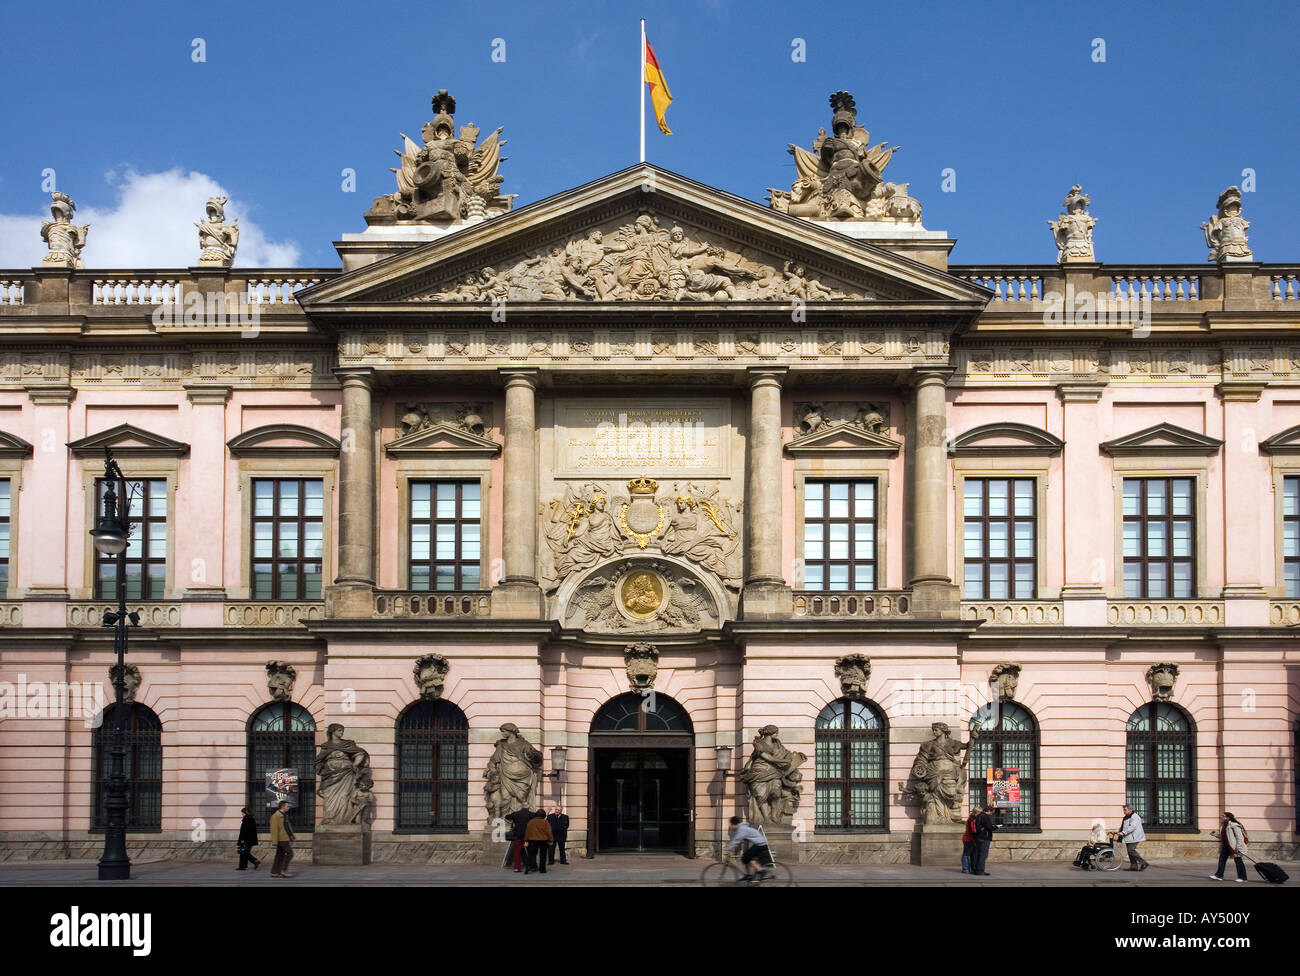 Deutsches Historisches Museum, Zeughaus, Berlin, Germany - Stock Image